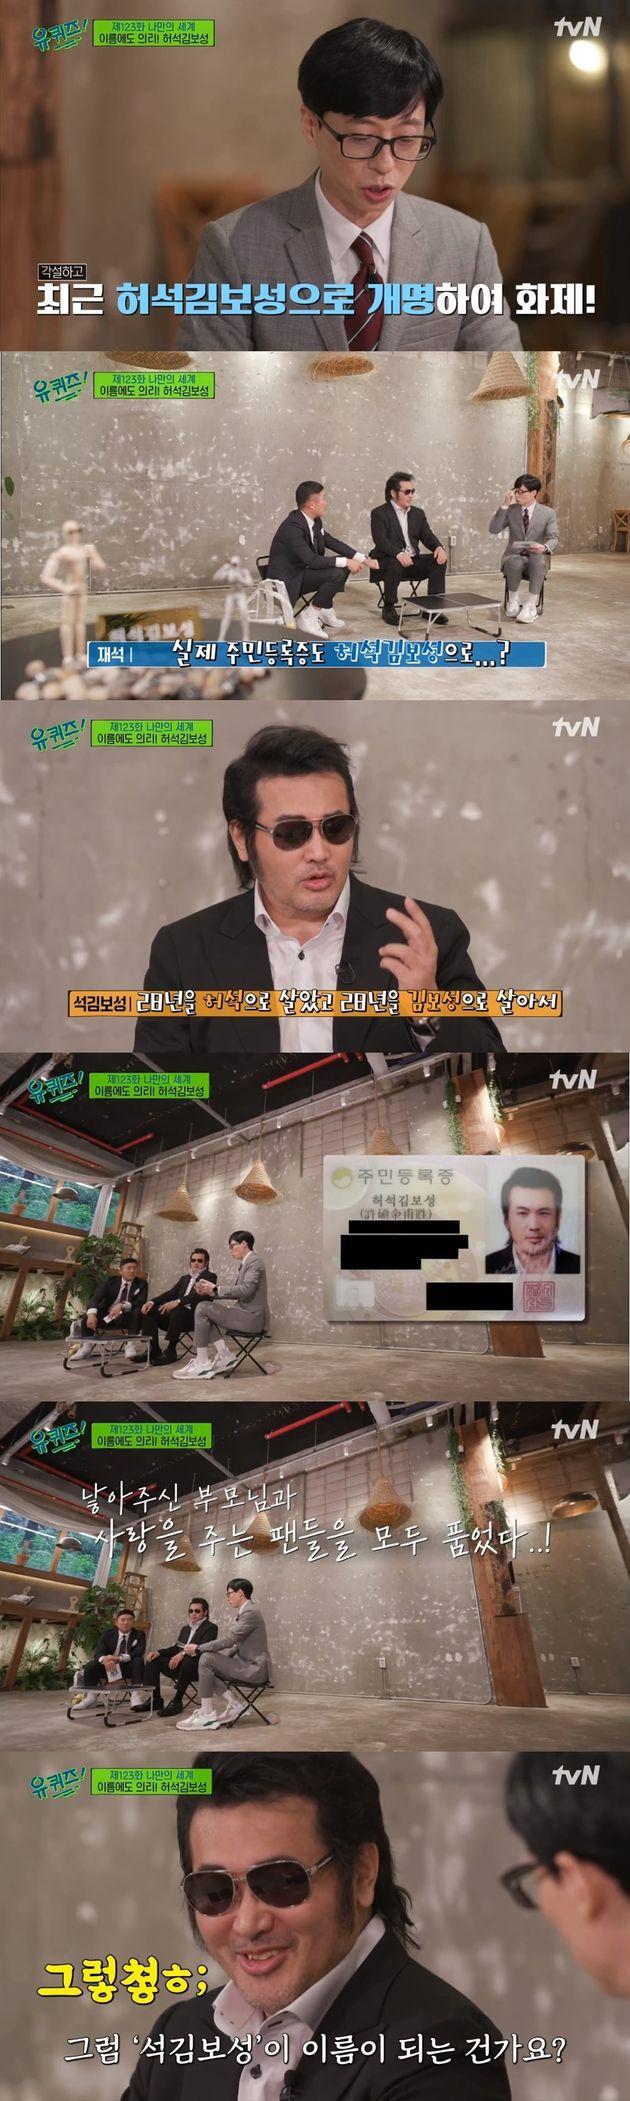 김보성에서 최근 이름을 개명한